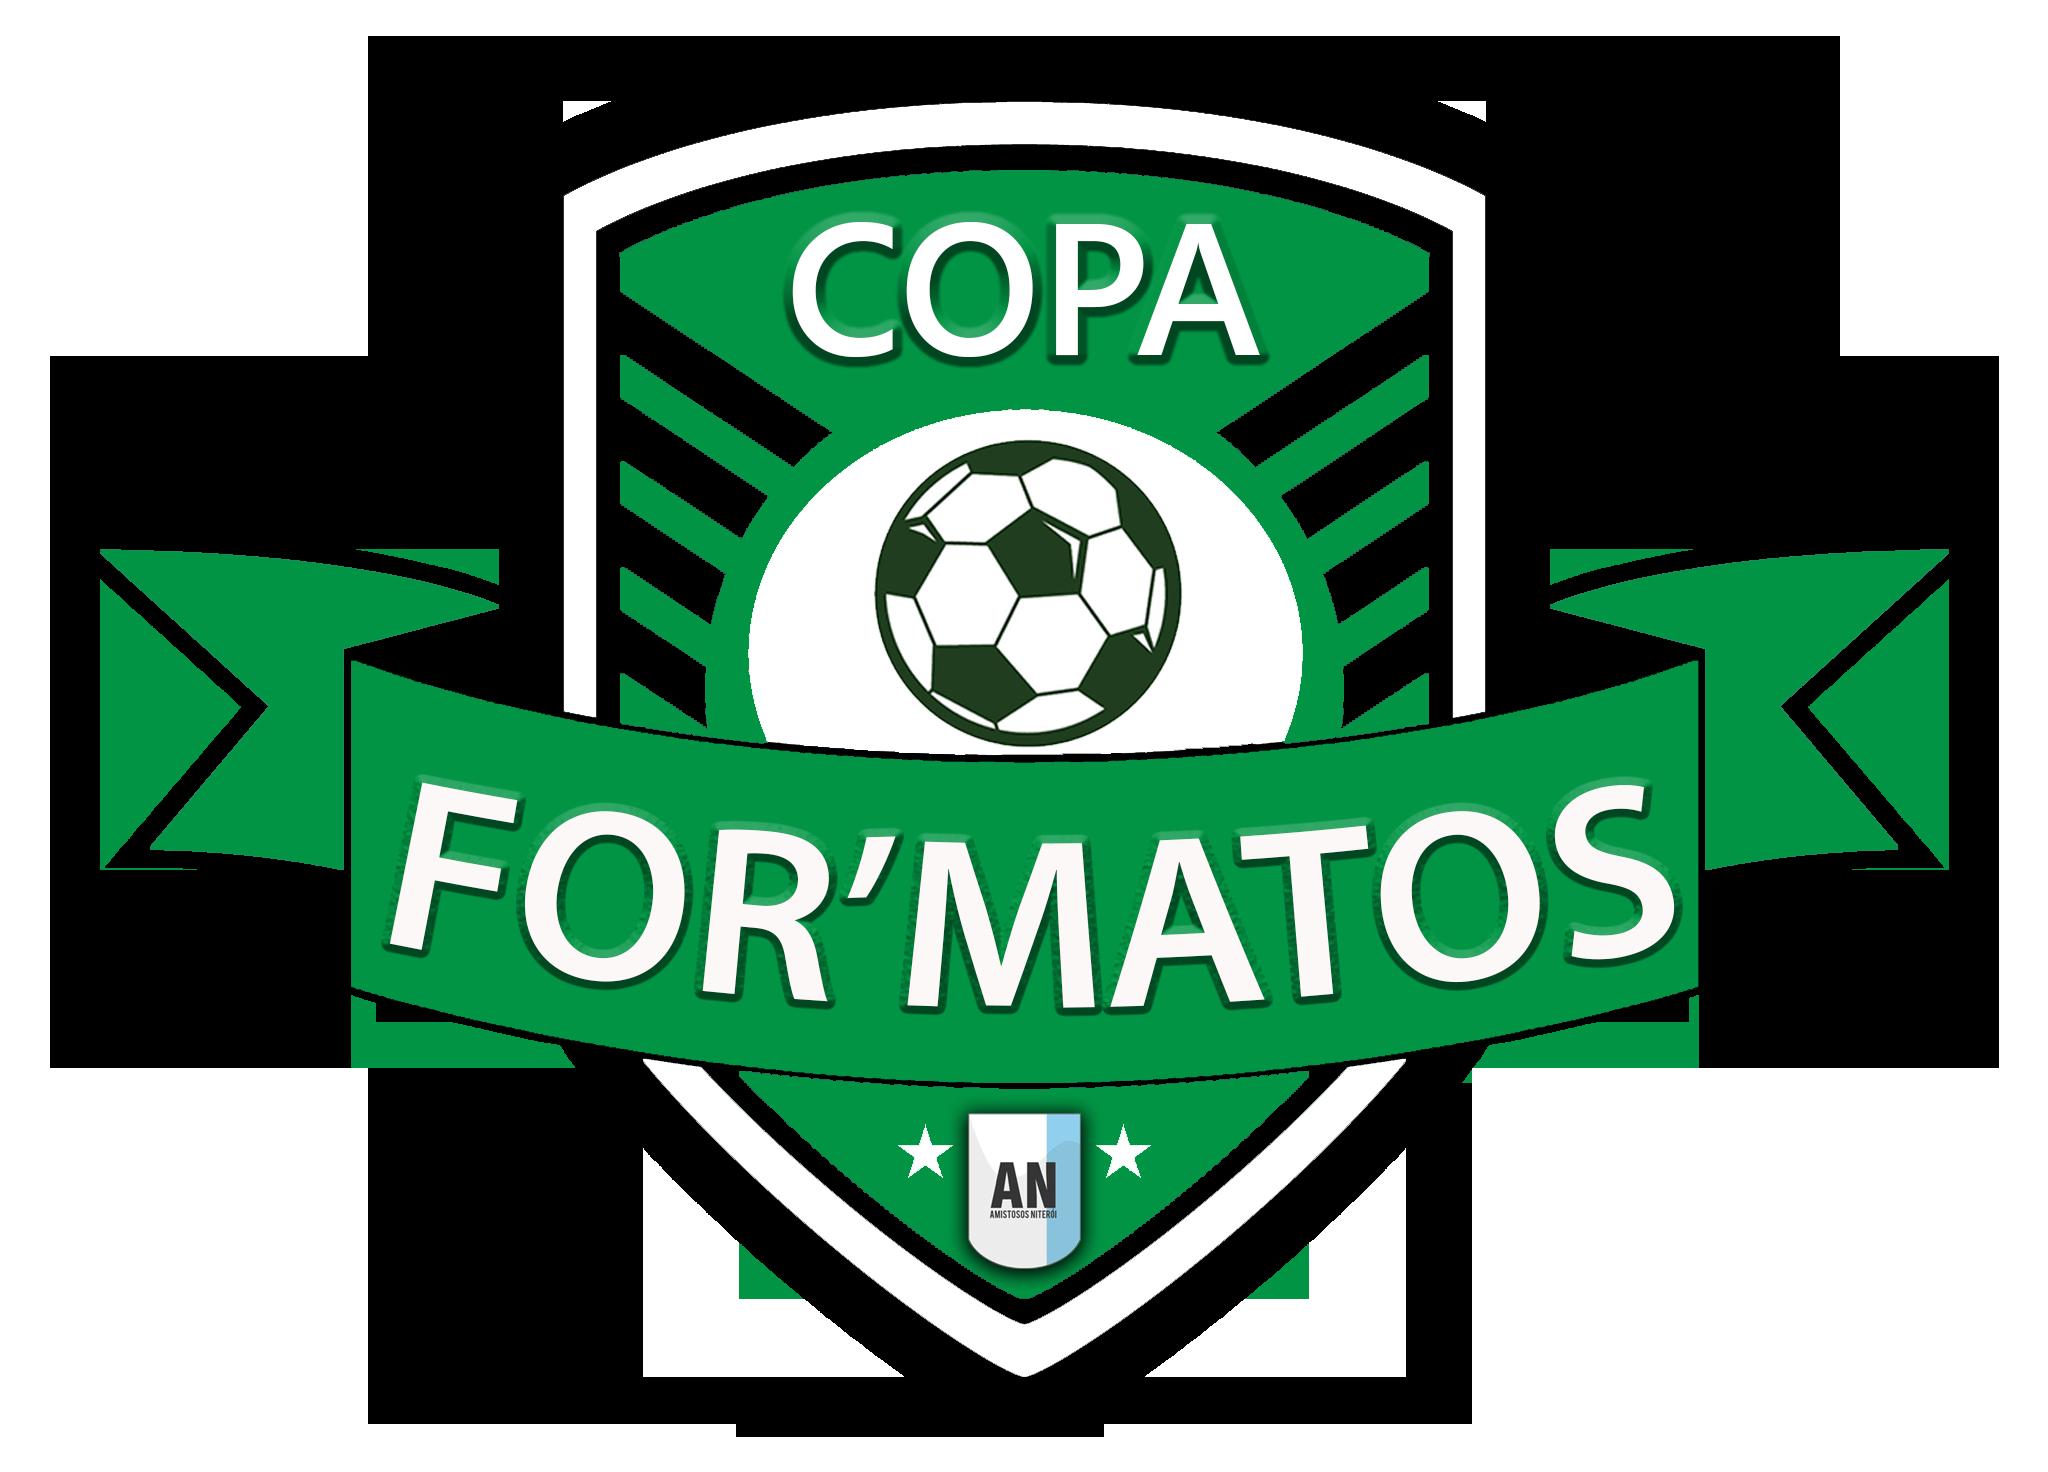 Copa formatos